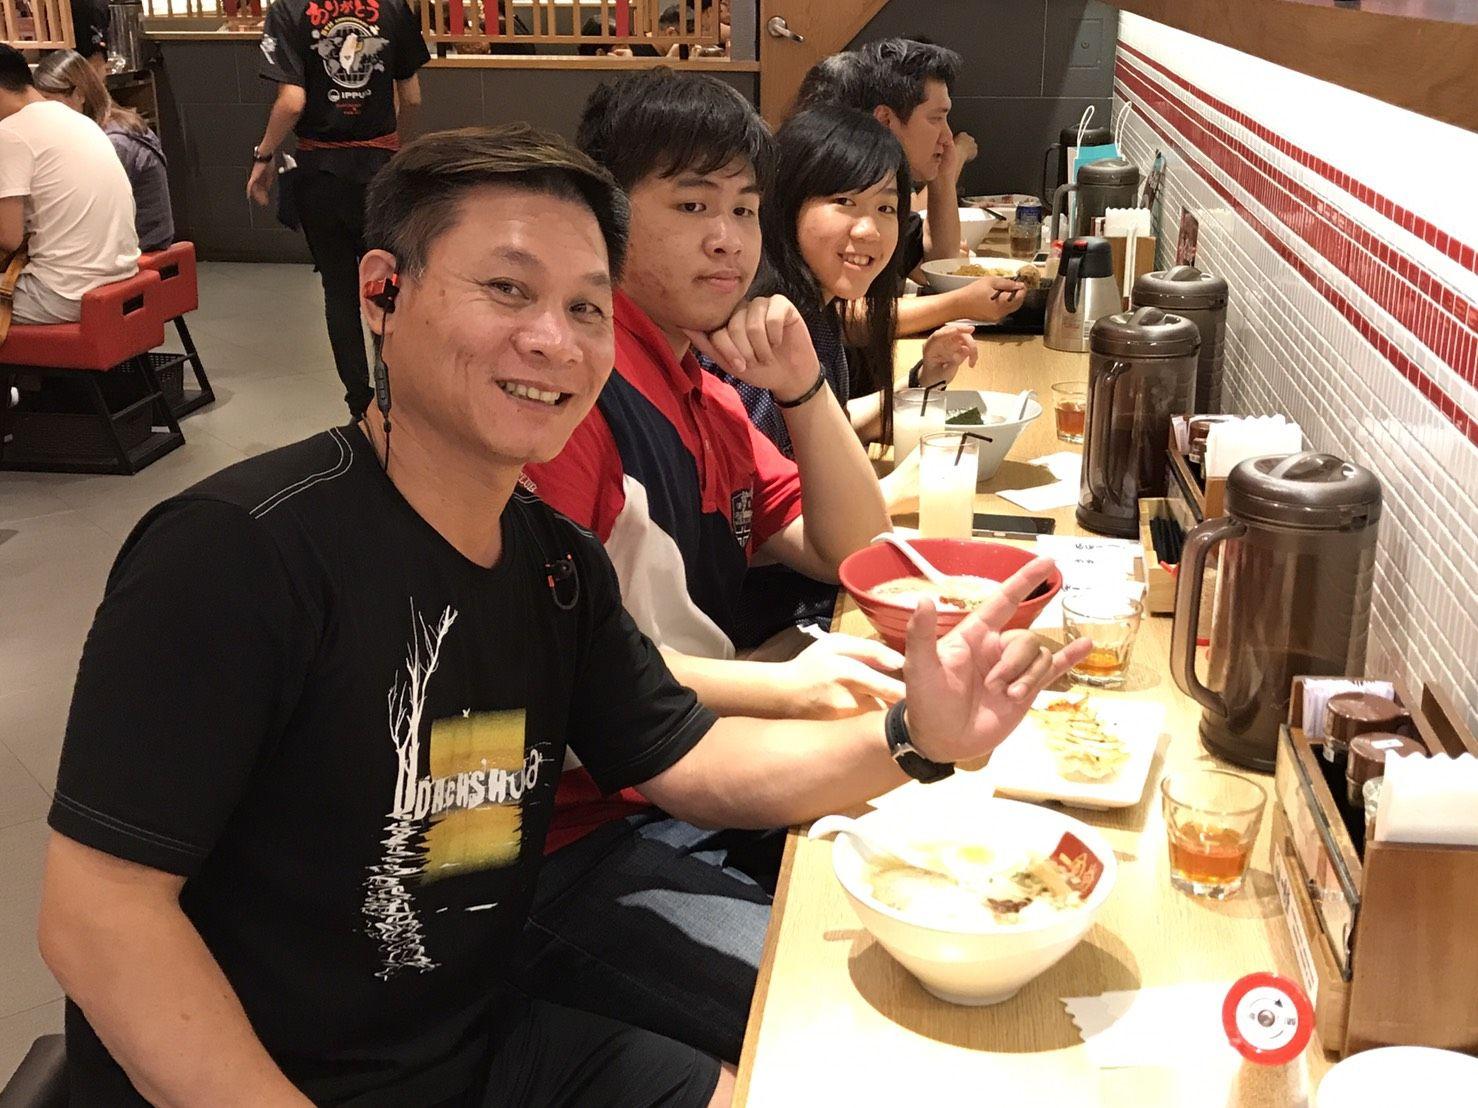 台湾は日本から近く、親日。近年、一風堂、山頭火、一蘭などの日本のラーメン店がどんどん台湾に出店し、台湾は日本風ラーメンの激戦区となっっている。